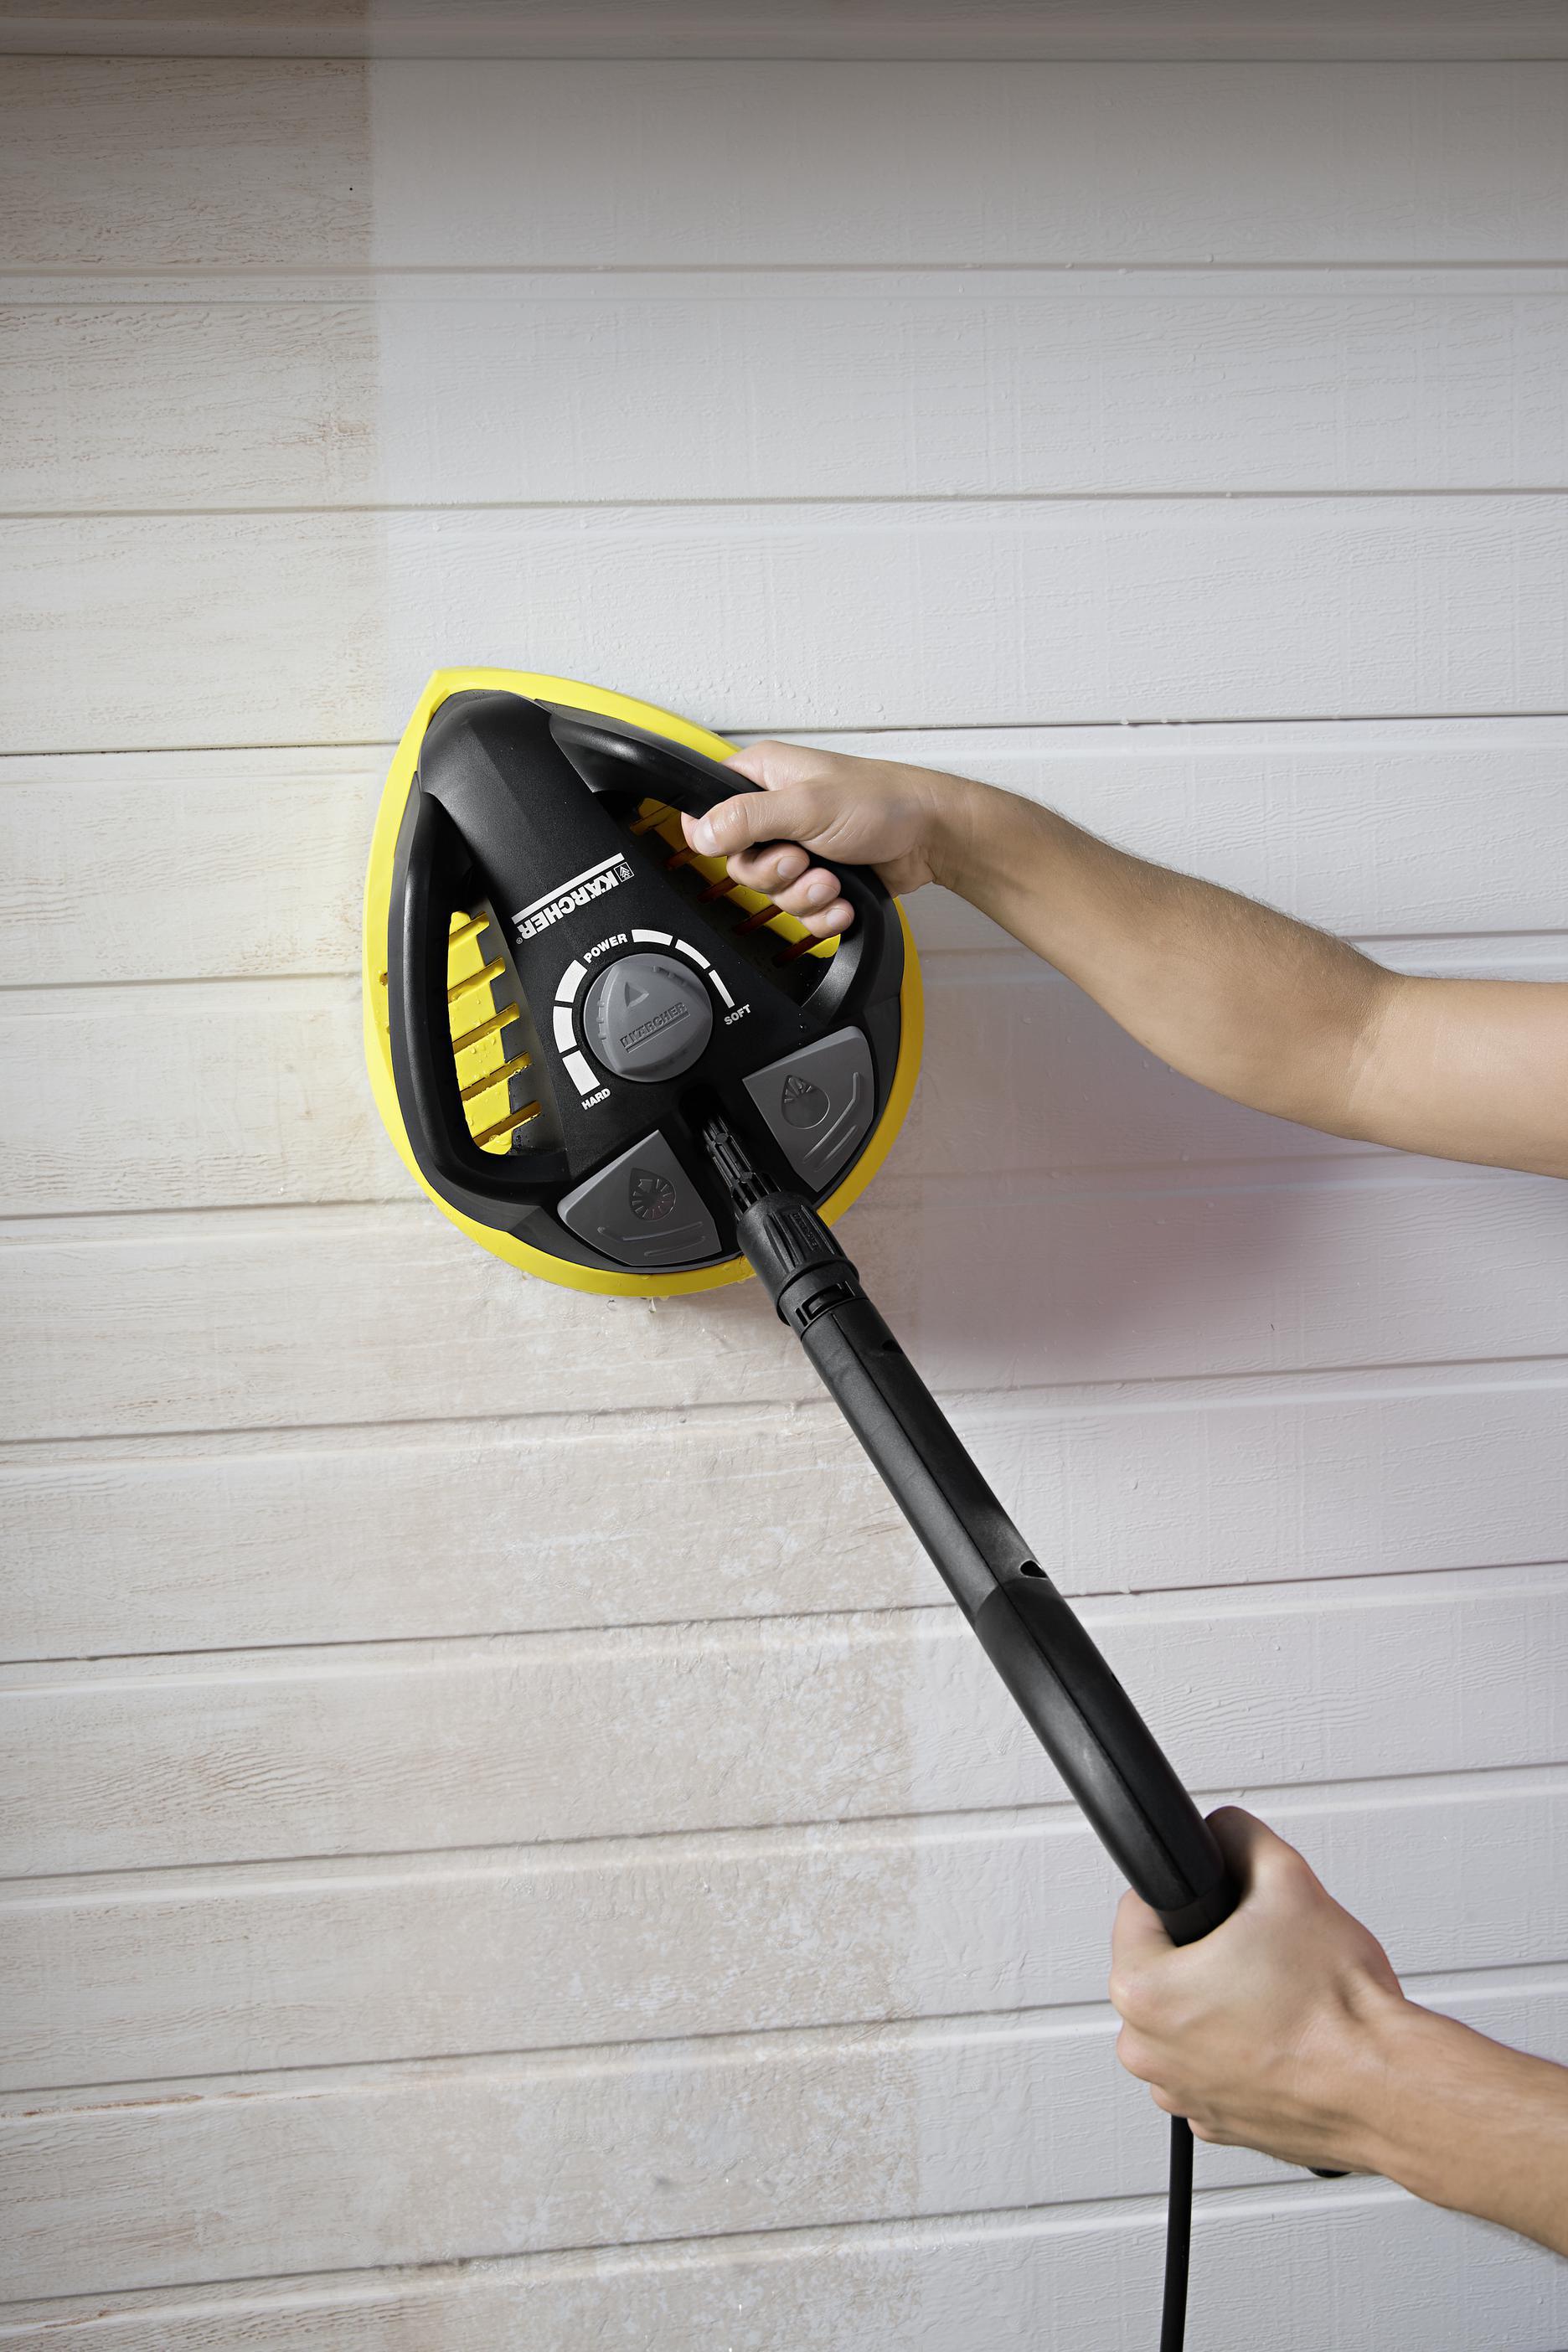 baumarkt markmiller werkers welt reinigen reinigen zubeh r terrassenreiniger t racer t450. Black Bedroom Furniture Sets. Home Design Ideas